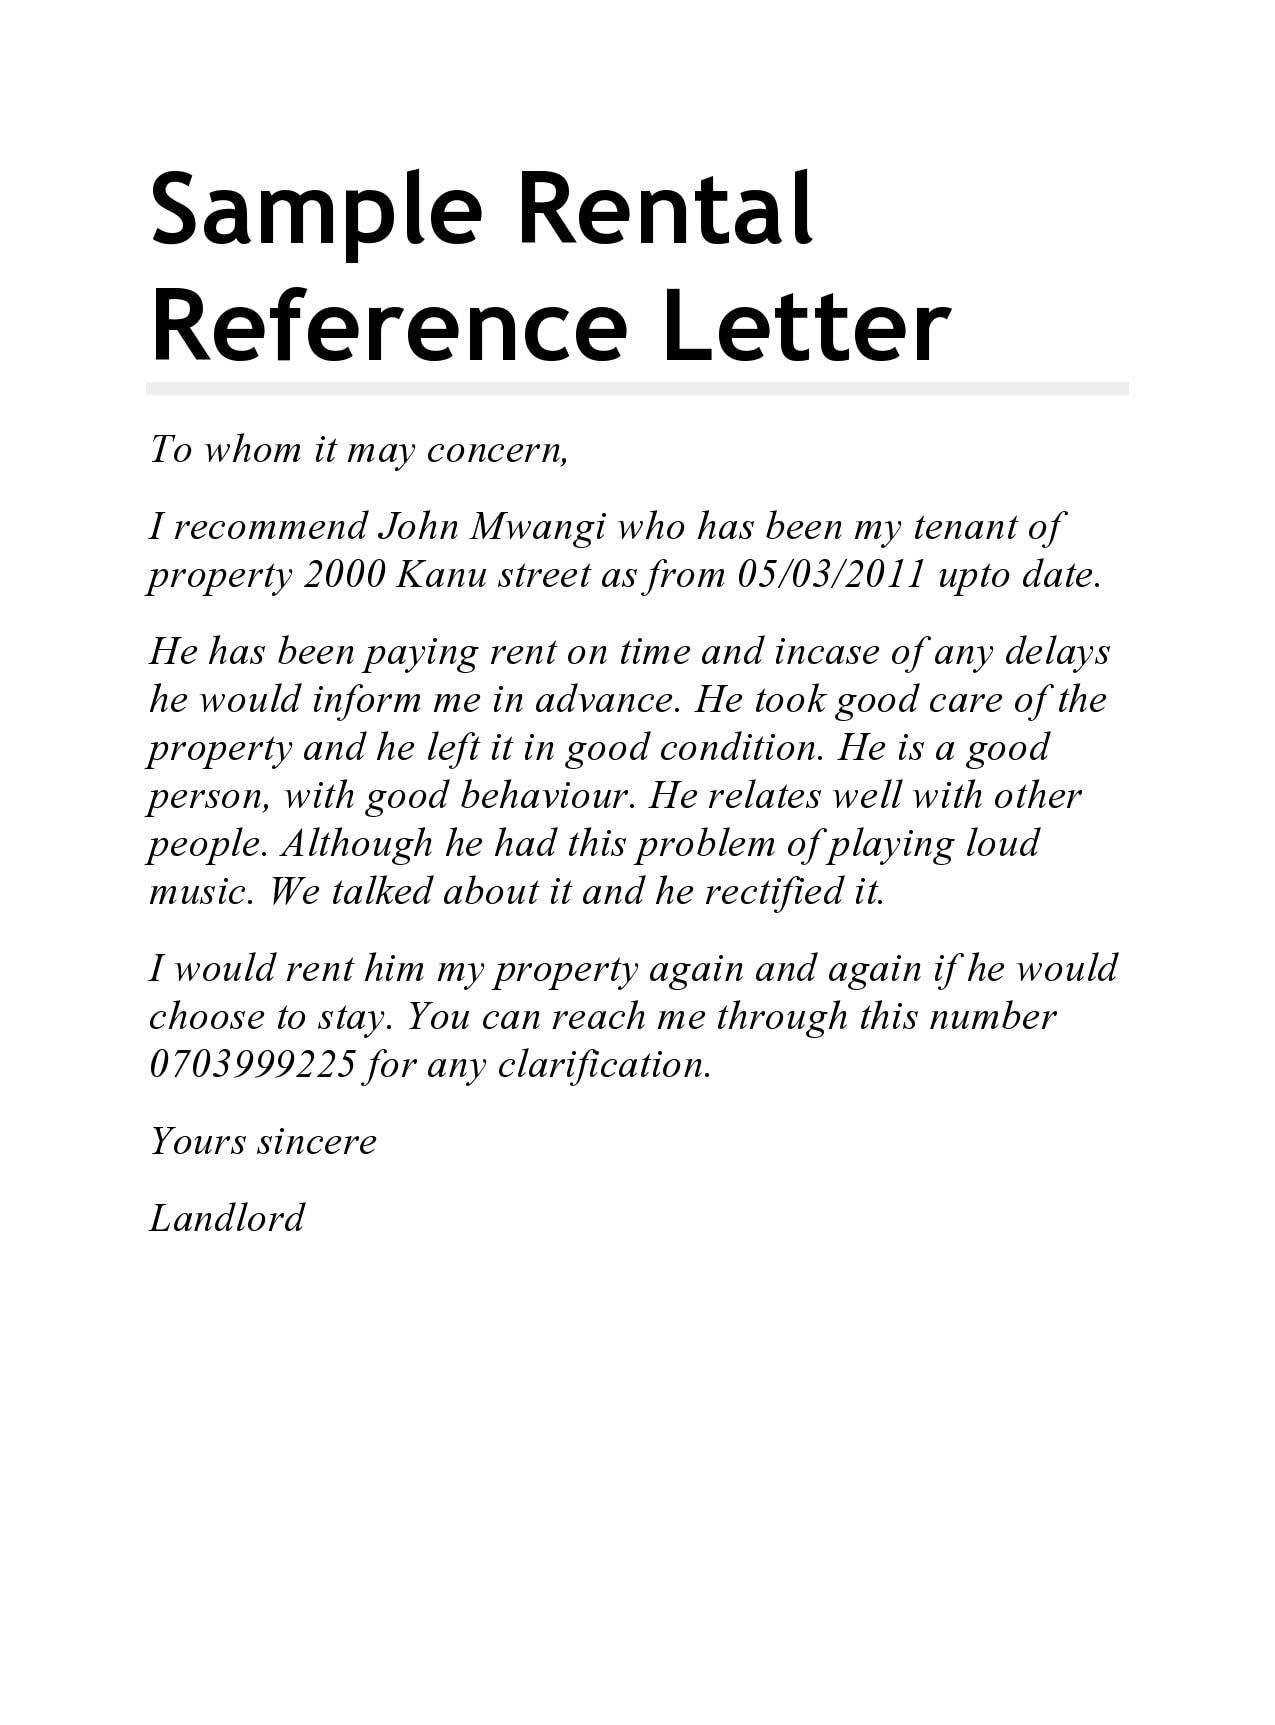 rental reference letter 09